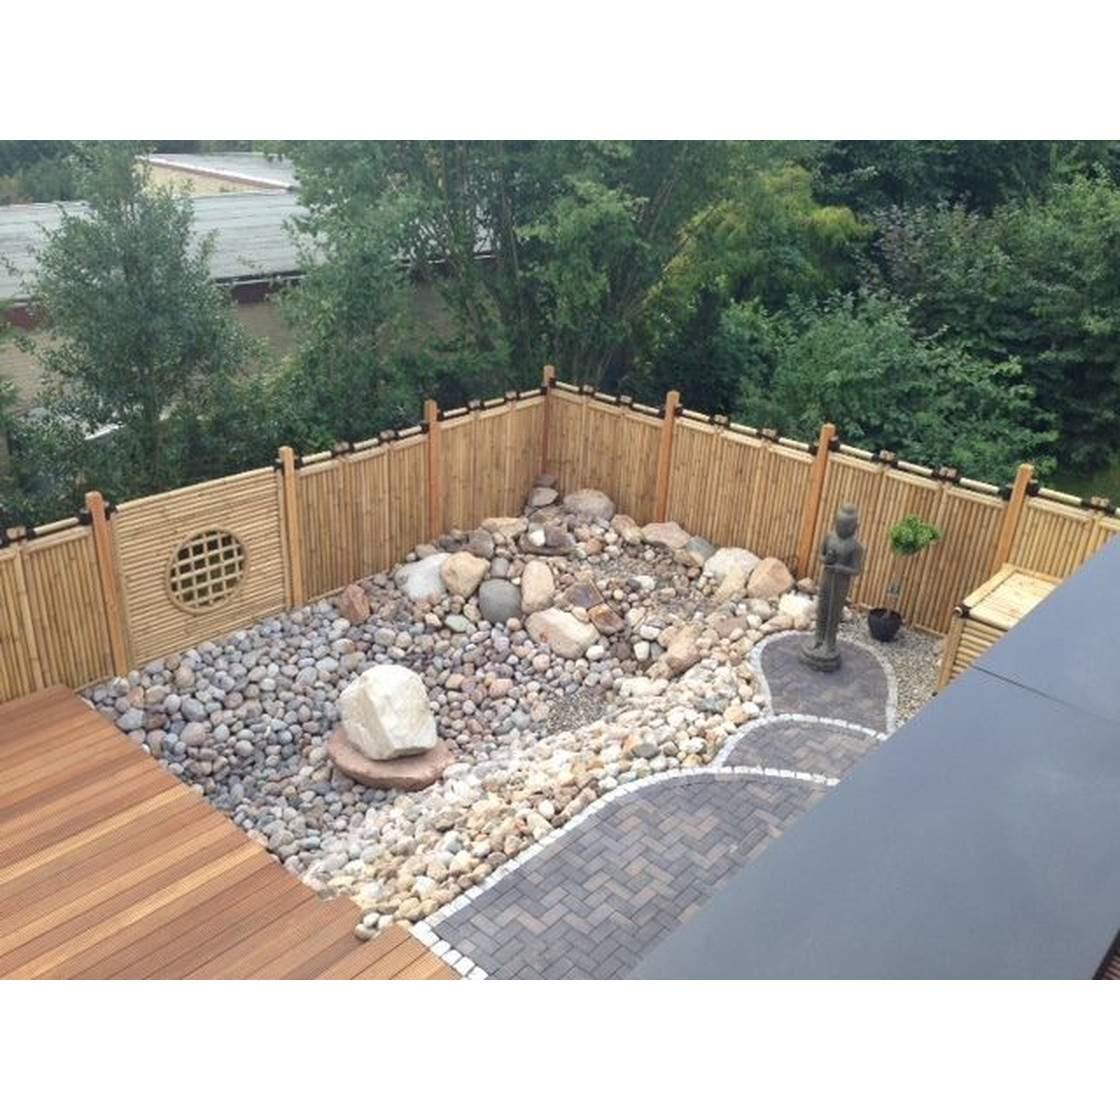 Garten Sichtschutz Schön Bambus Sichtschutz Garten Zaun Gartenzaun Windschutz Bambuszaun Anji Nigra Serie